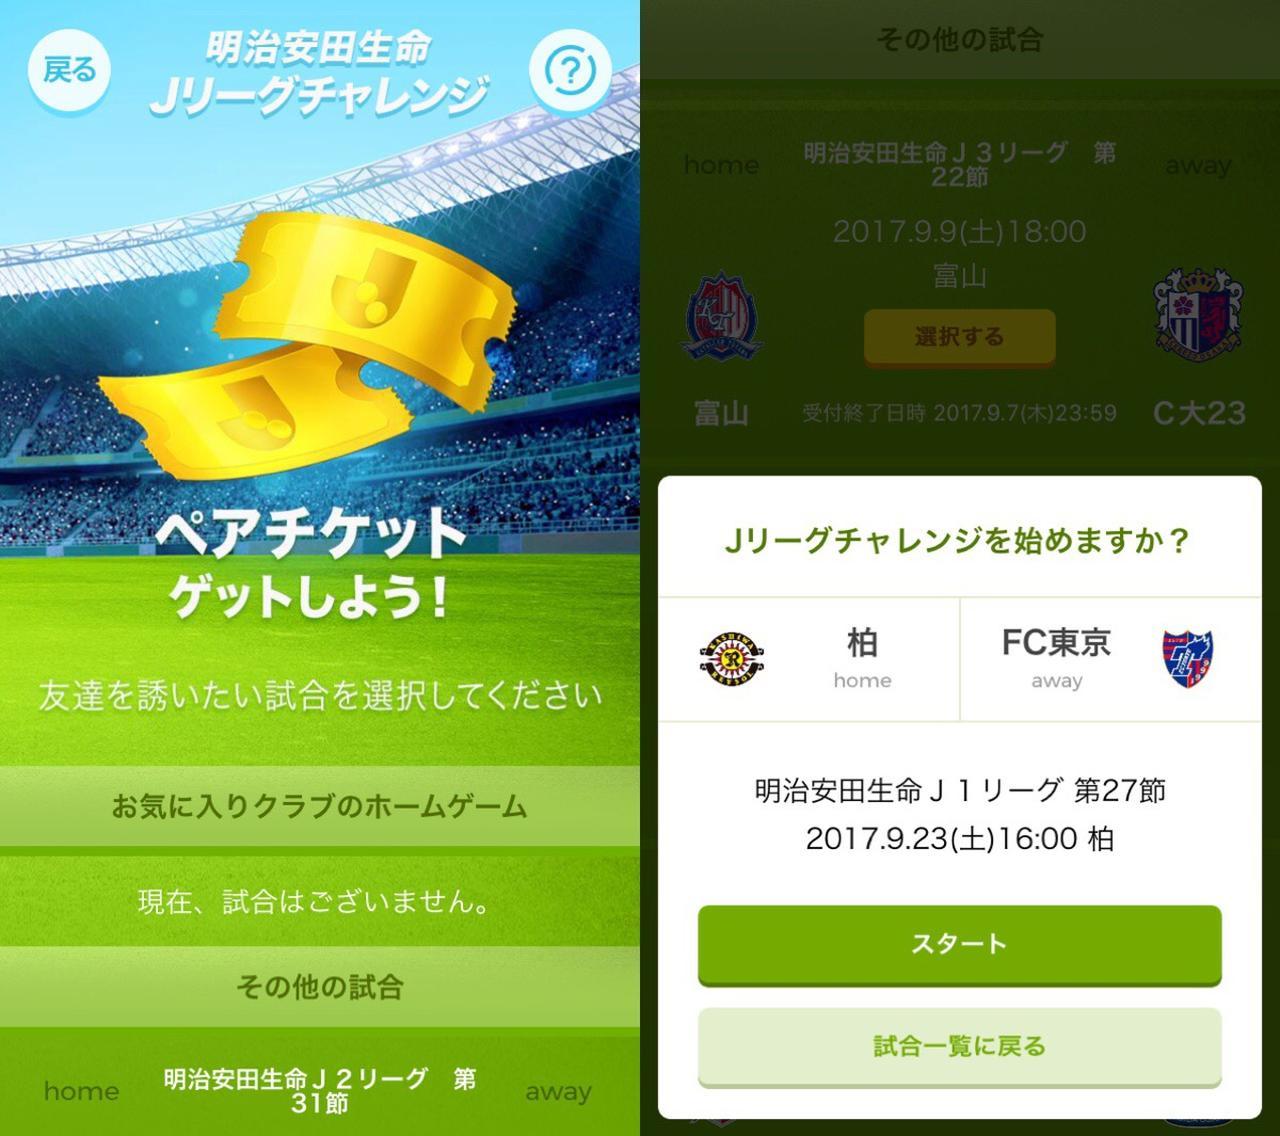 画像2: スタジアムに行ってメダルを集めよう!